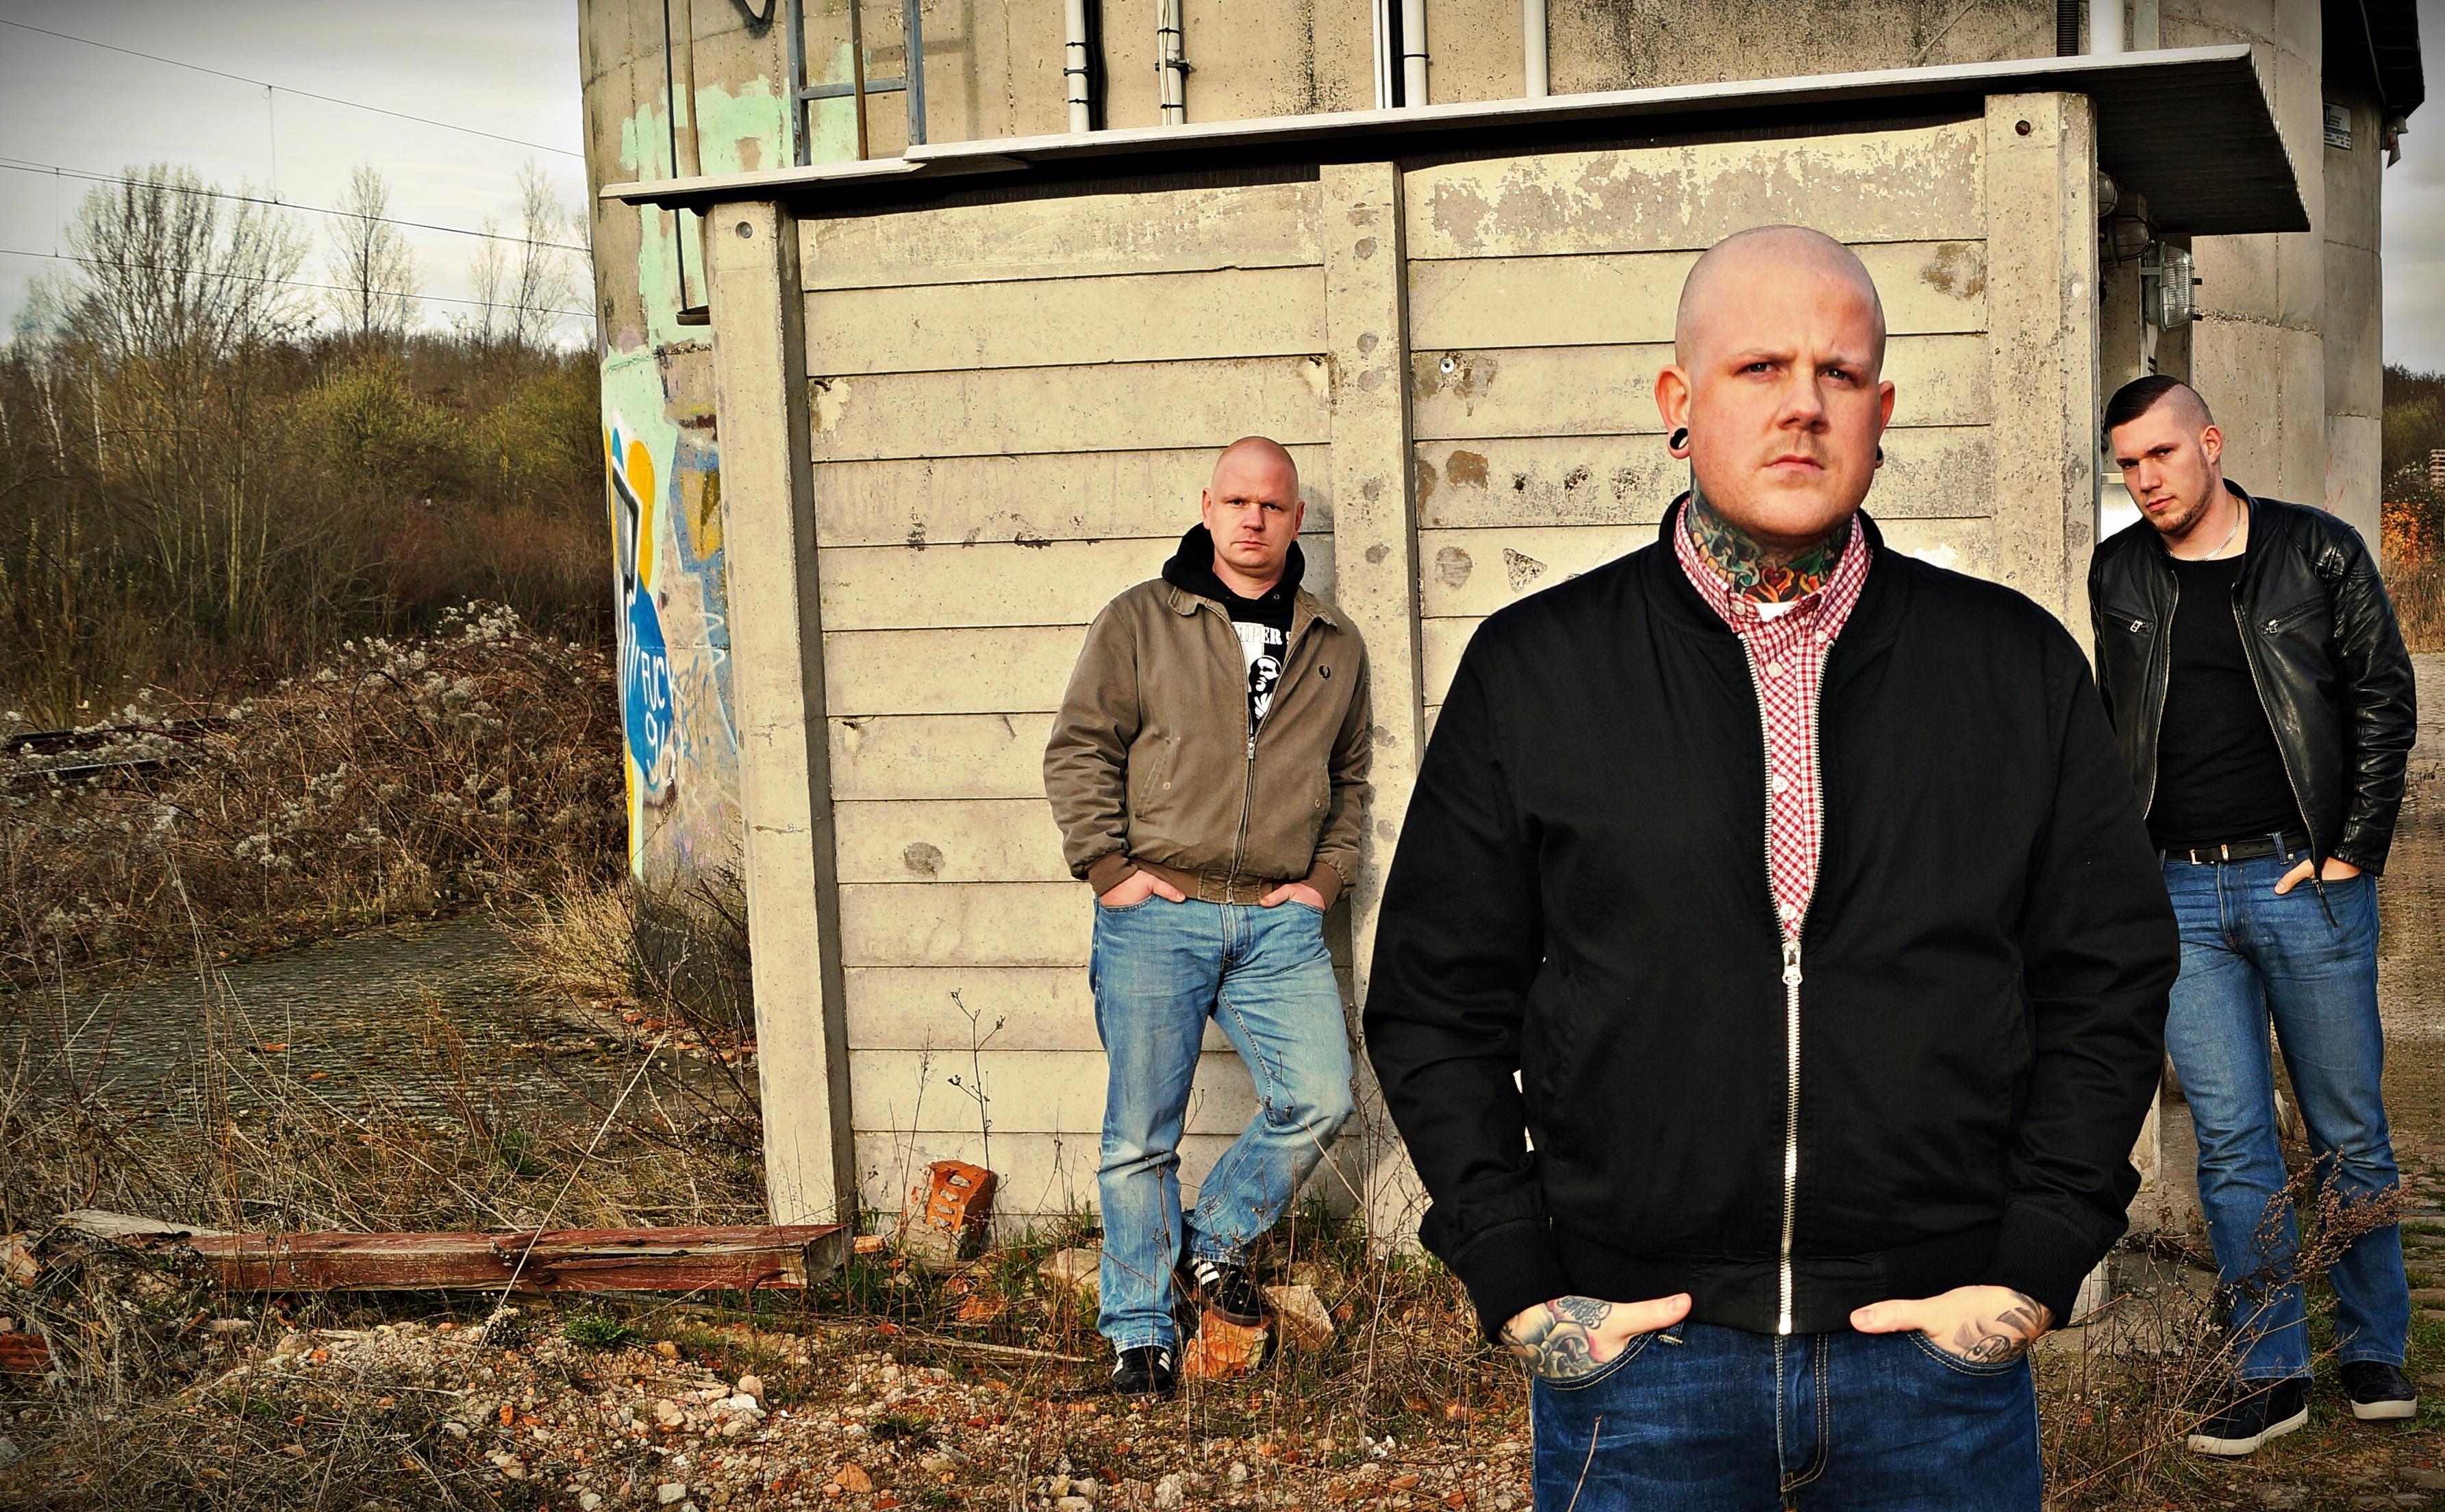 Bandfoto Egoisten